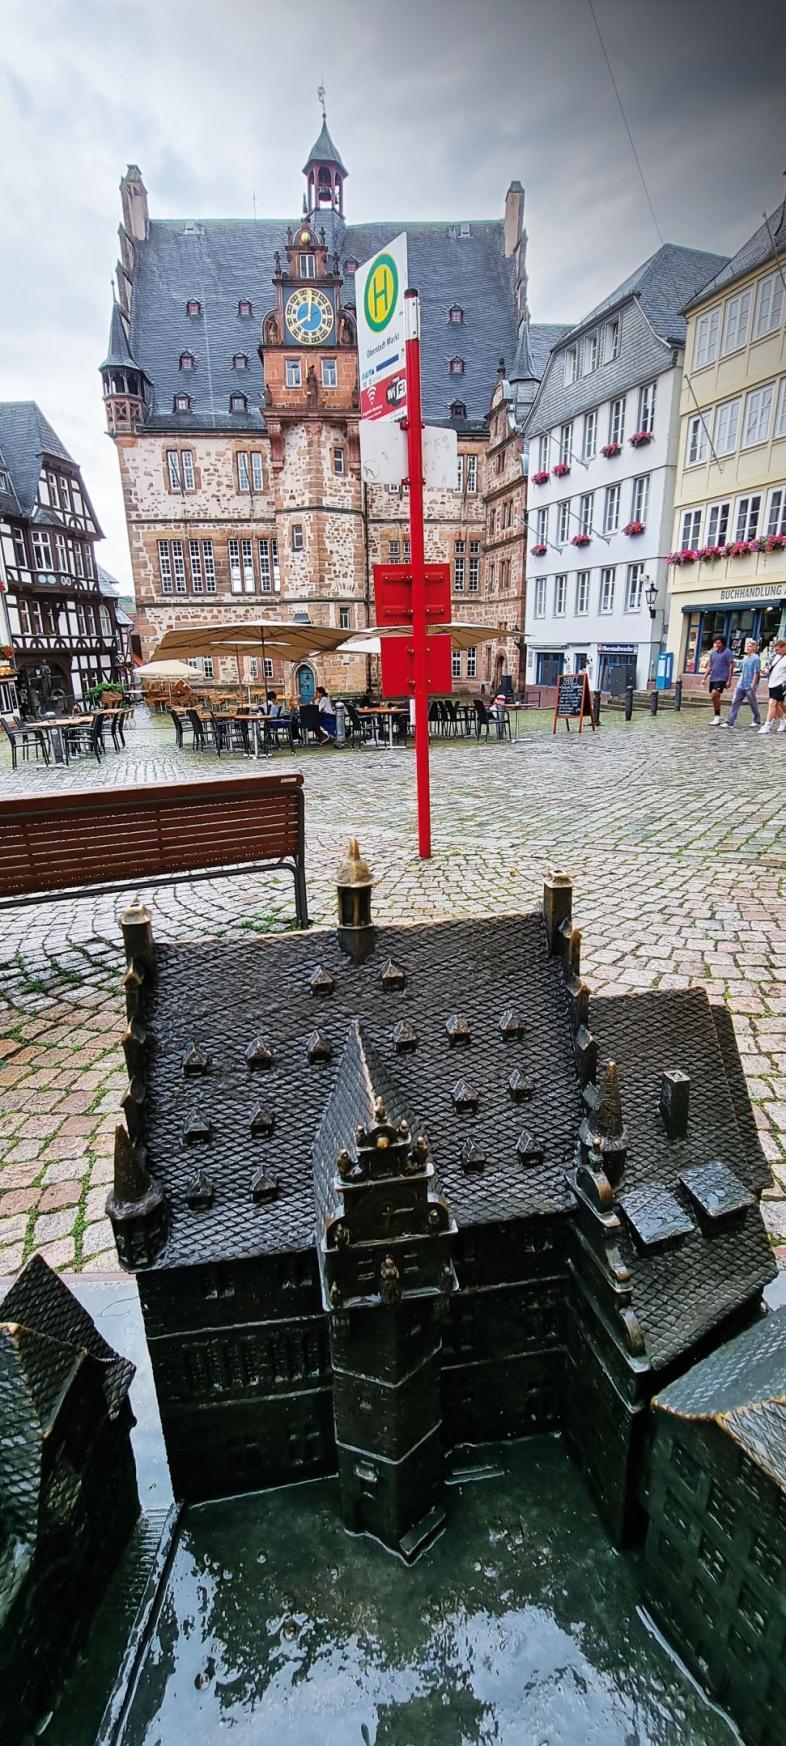 Foto quer über den Marburger Marktplatz mit der leuchtend roten Bushaltestelle im vordergrund und der Frontansicht des Rathauses im Hintergrund